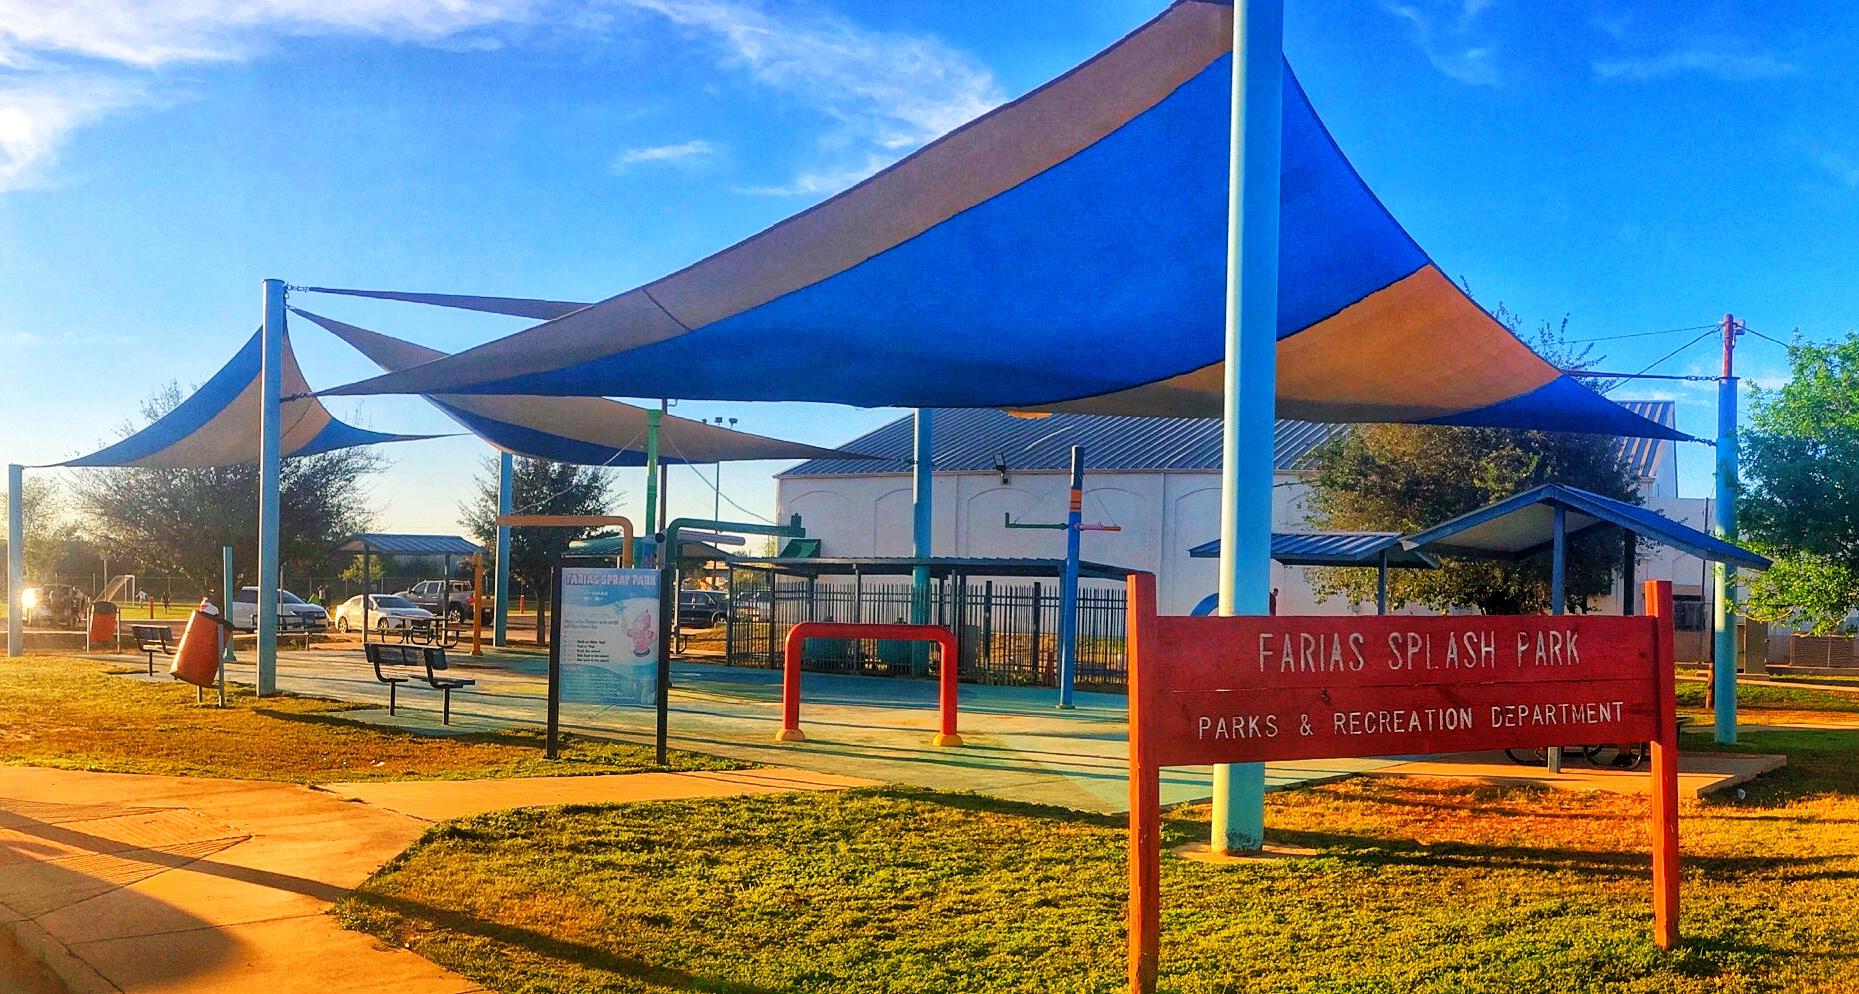 Farias Splash Park